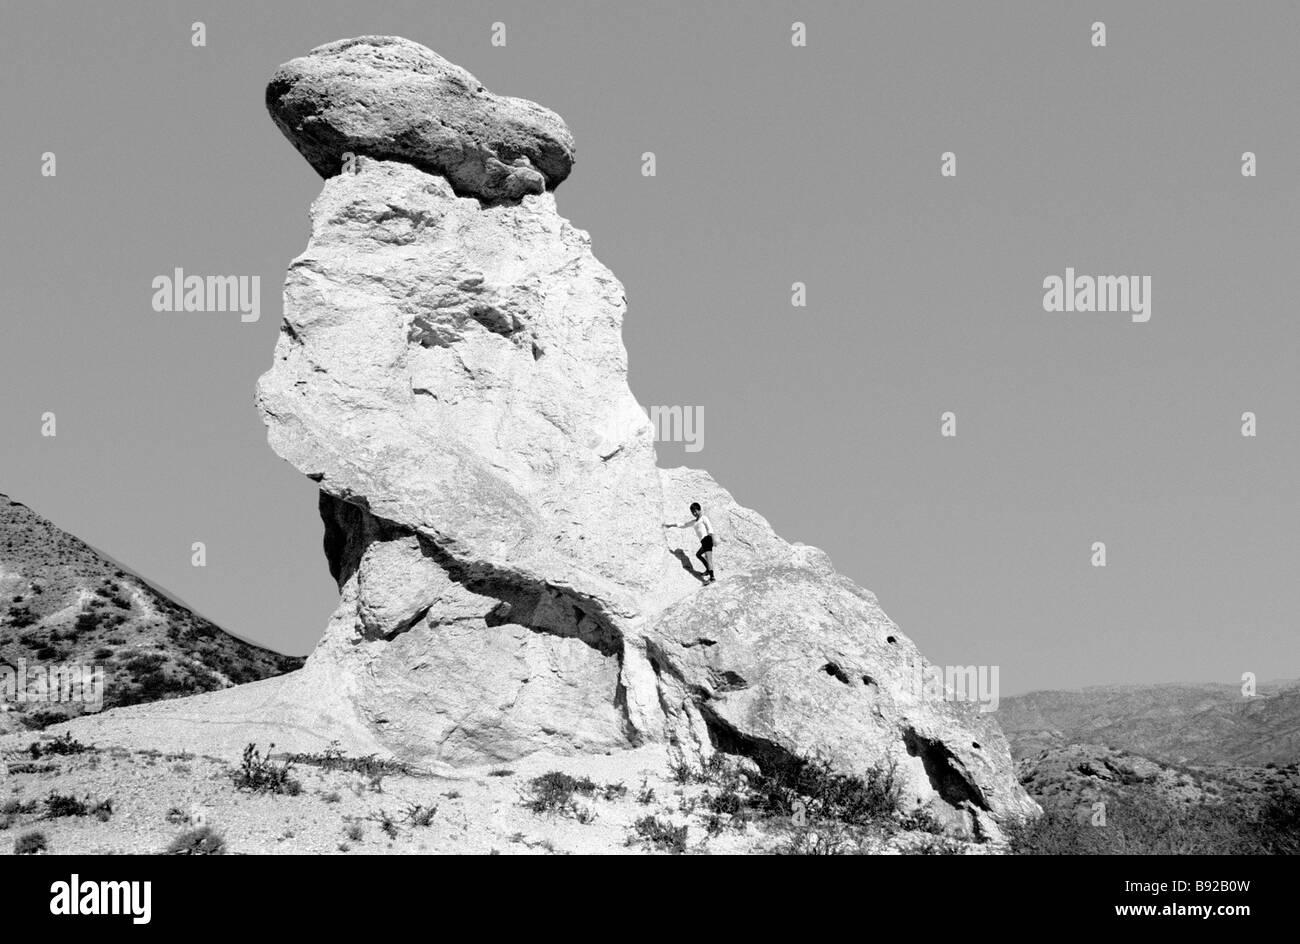 Otros gigantes de piedra similar puede verse en muchas partes de Kirguistán Imagen De Stock